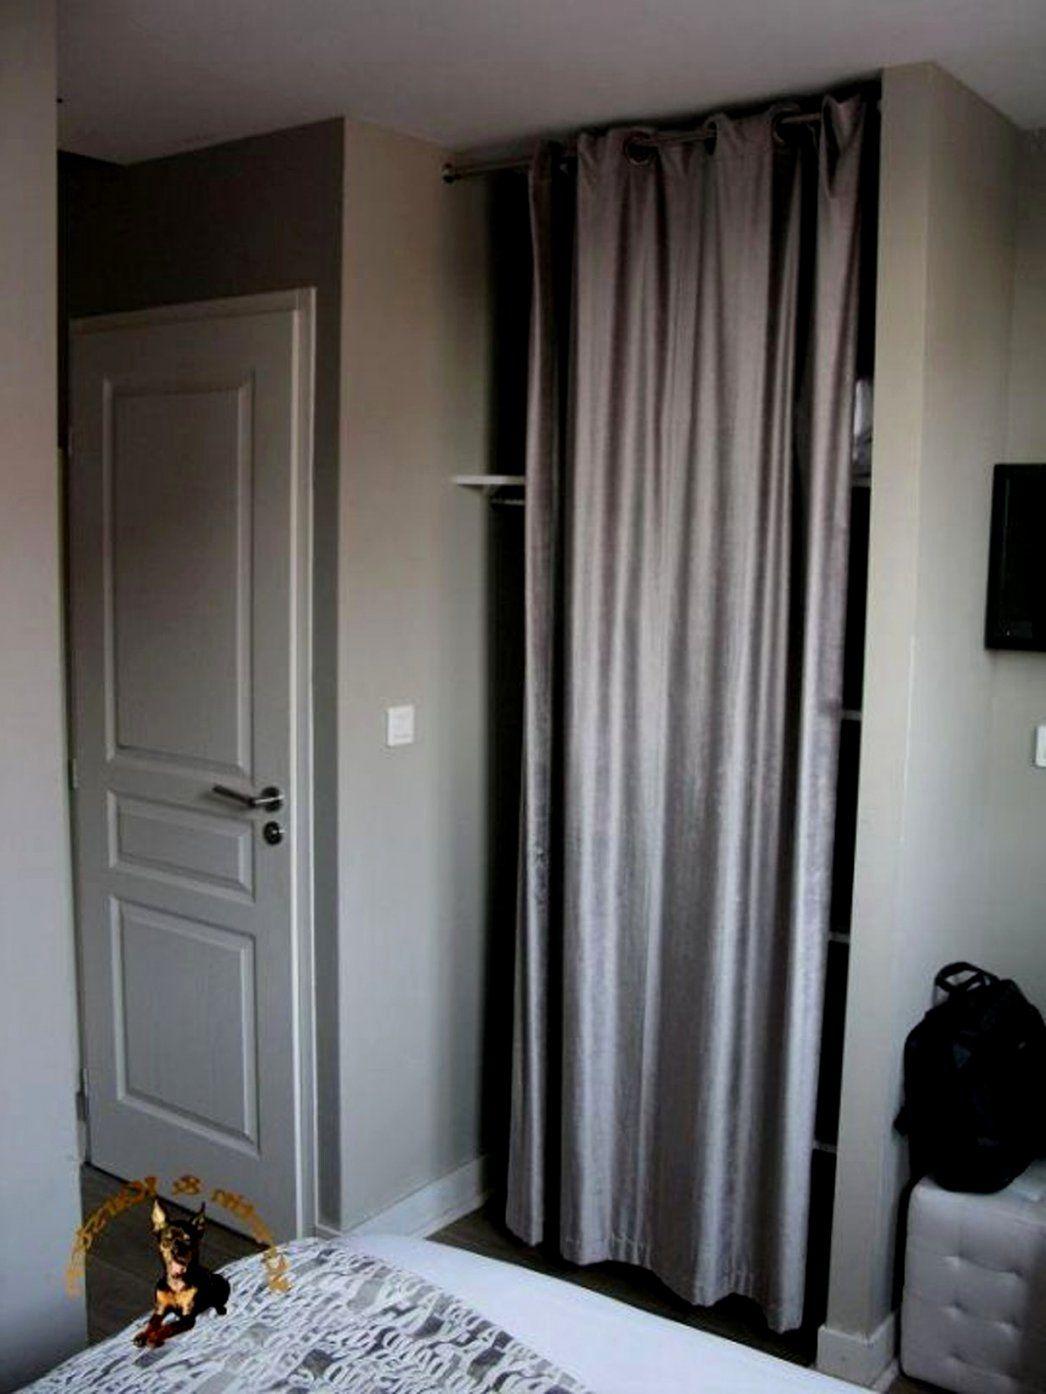 design schrank sch n schrank vorhang statt t r japantravelbiz von schrank vorhang statt t r. Black Bedroom Furniture Sets. Home Design Ideas